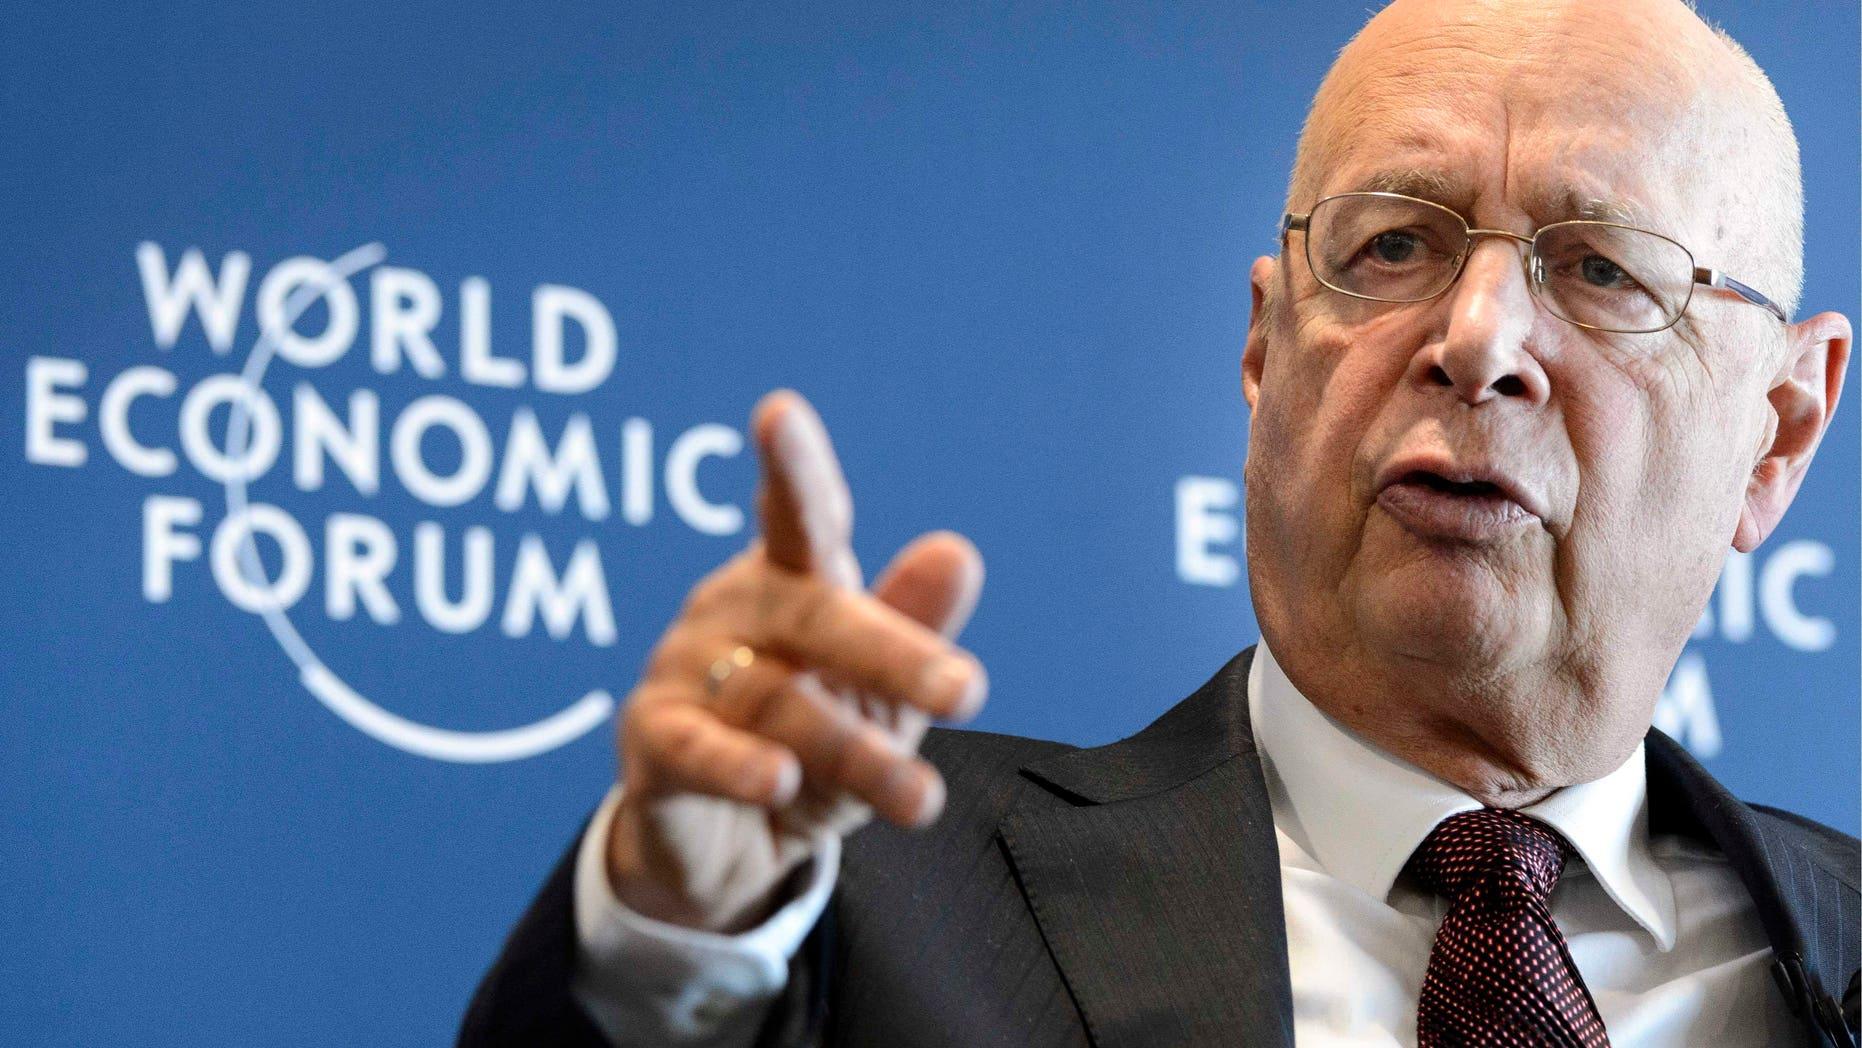 Klaus Schwab, fundador y presidente del Foro Económico Mundial en conferencia de prensa en Cologny, cerca de Ginebra, Suiza, el miércoles 16 de enero de 2013. La cumbre anual del foro en Davos se realizará del 23 al 27 de enero. (Foto AP/Keystone/Laurent Gillieron)